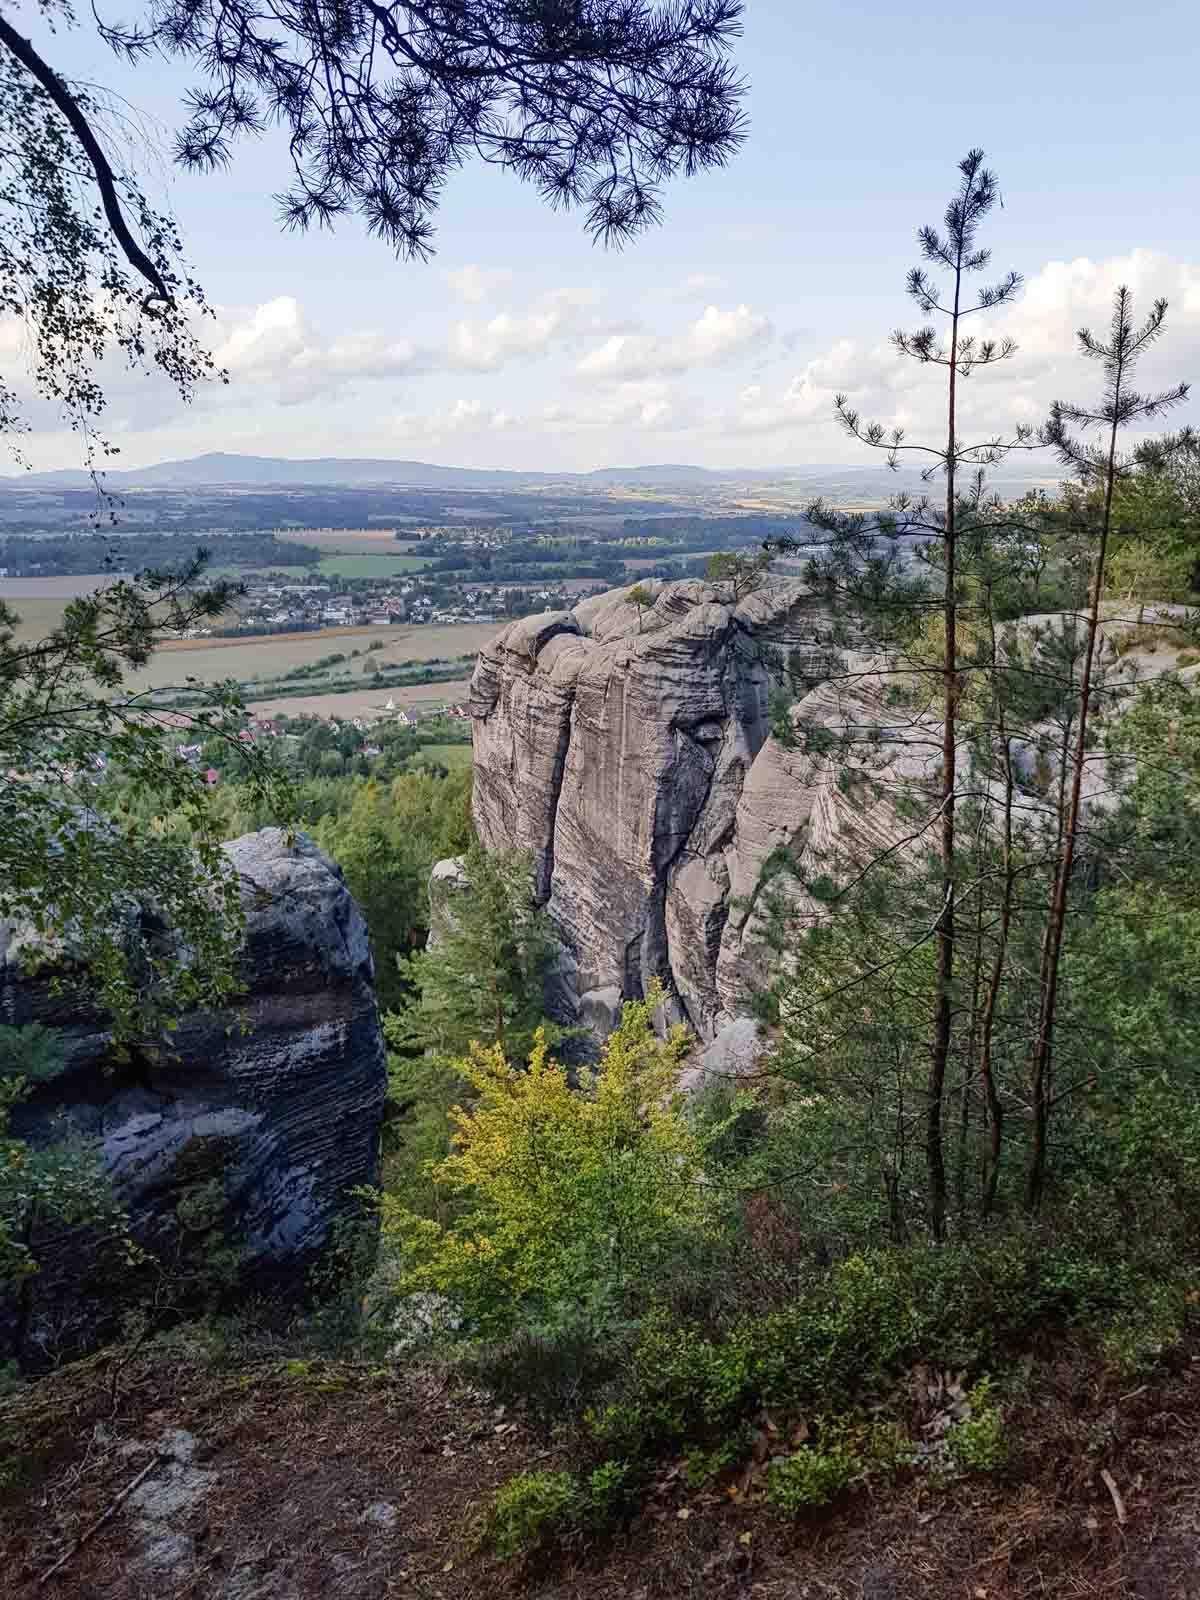 Vakantietips voor de regio Liberec (Noord-Bohemen), Boheems Paradijs - Map of Joy